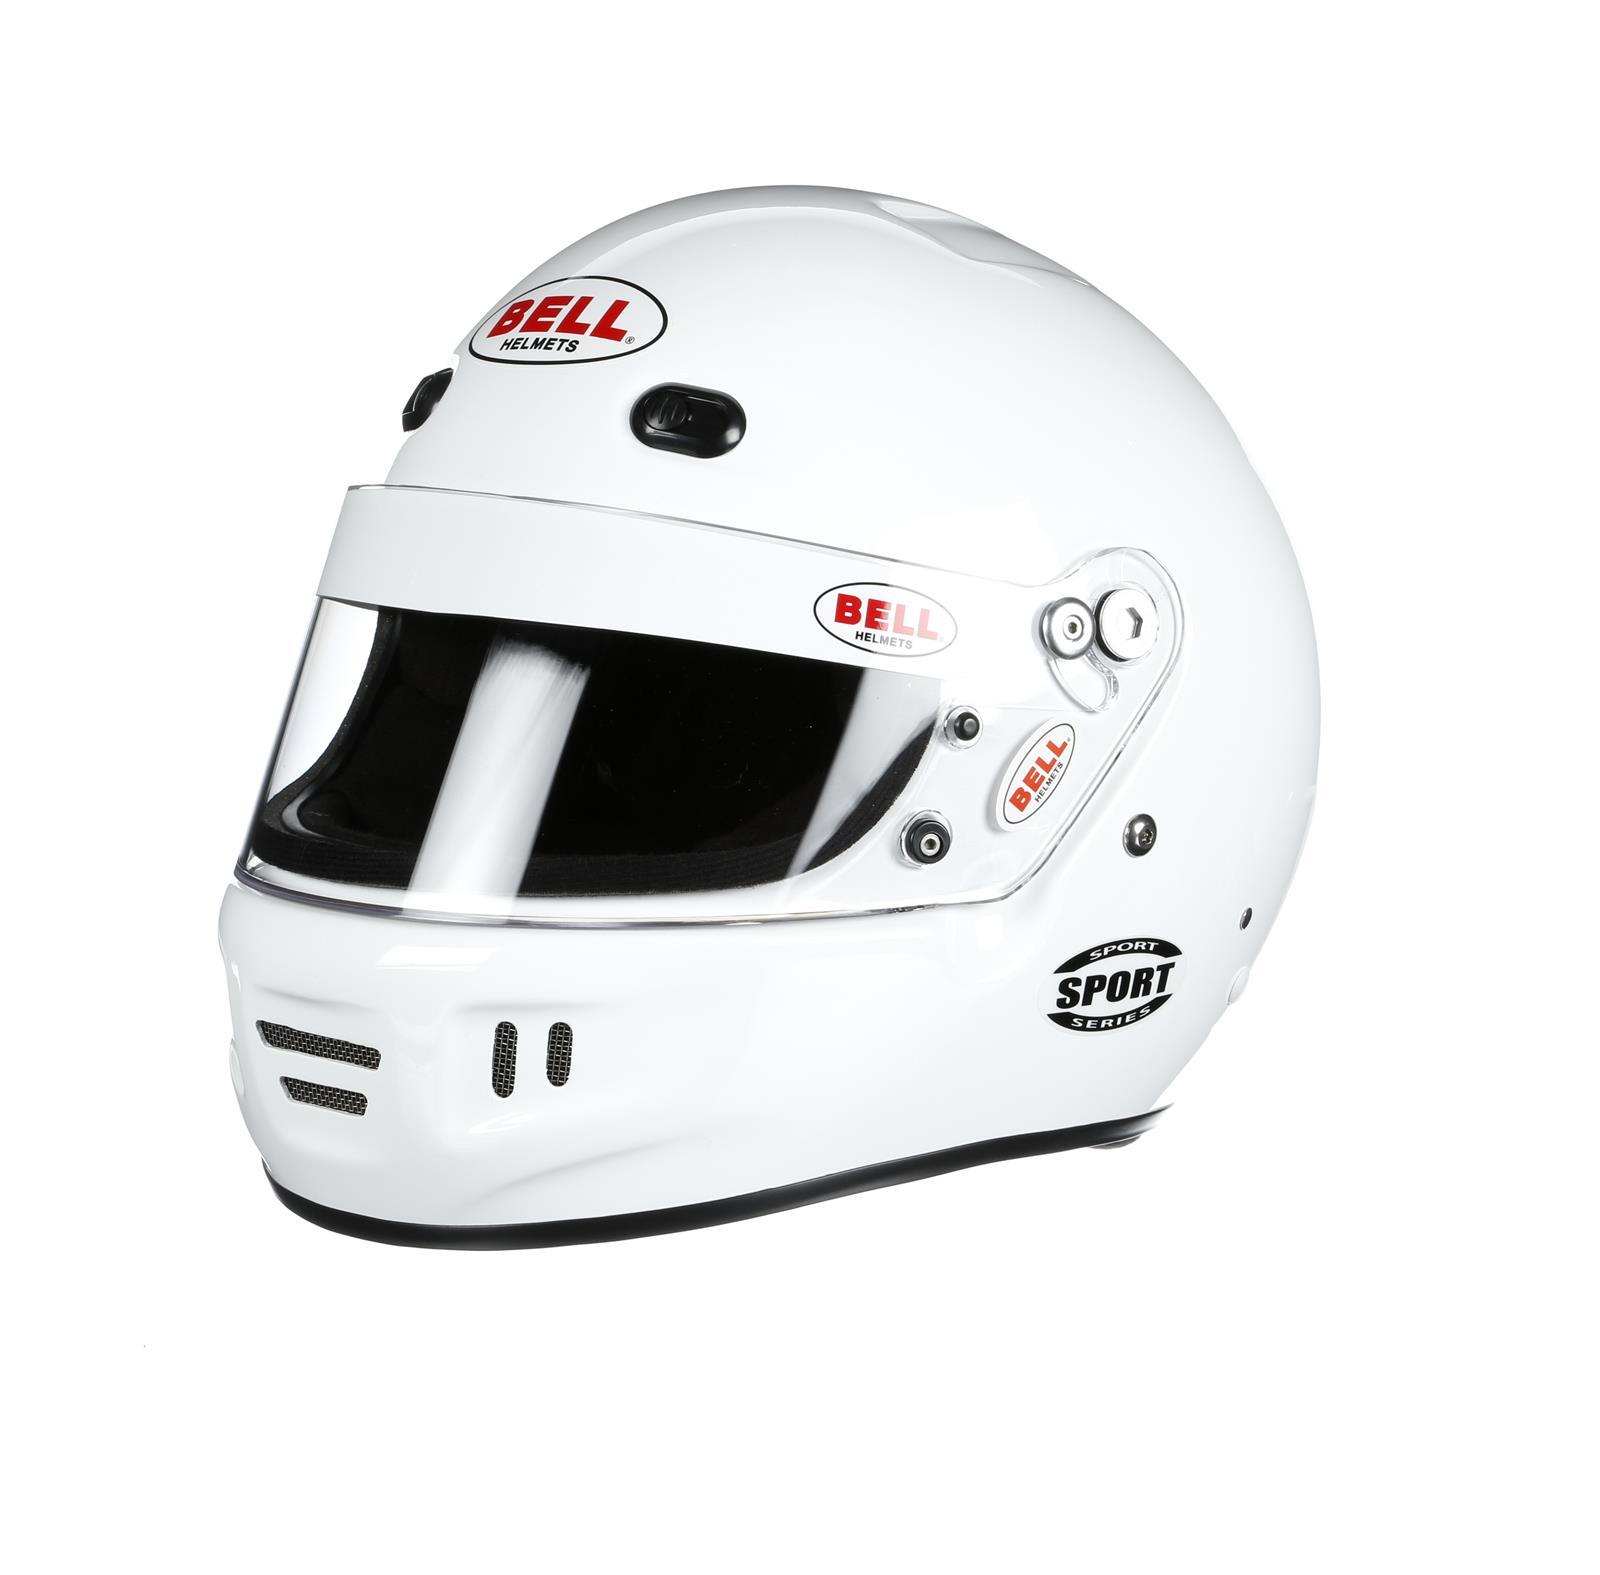 Bell Racing Helmets >> Bell Racing Sport Helmets 1424001